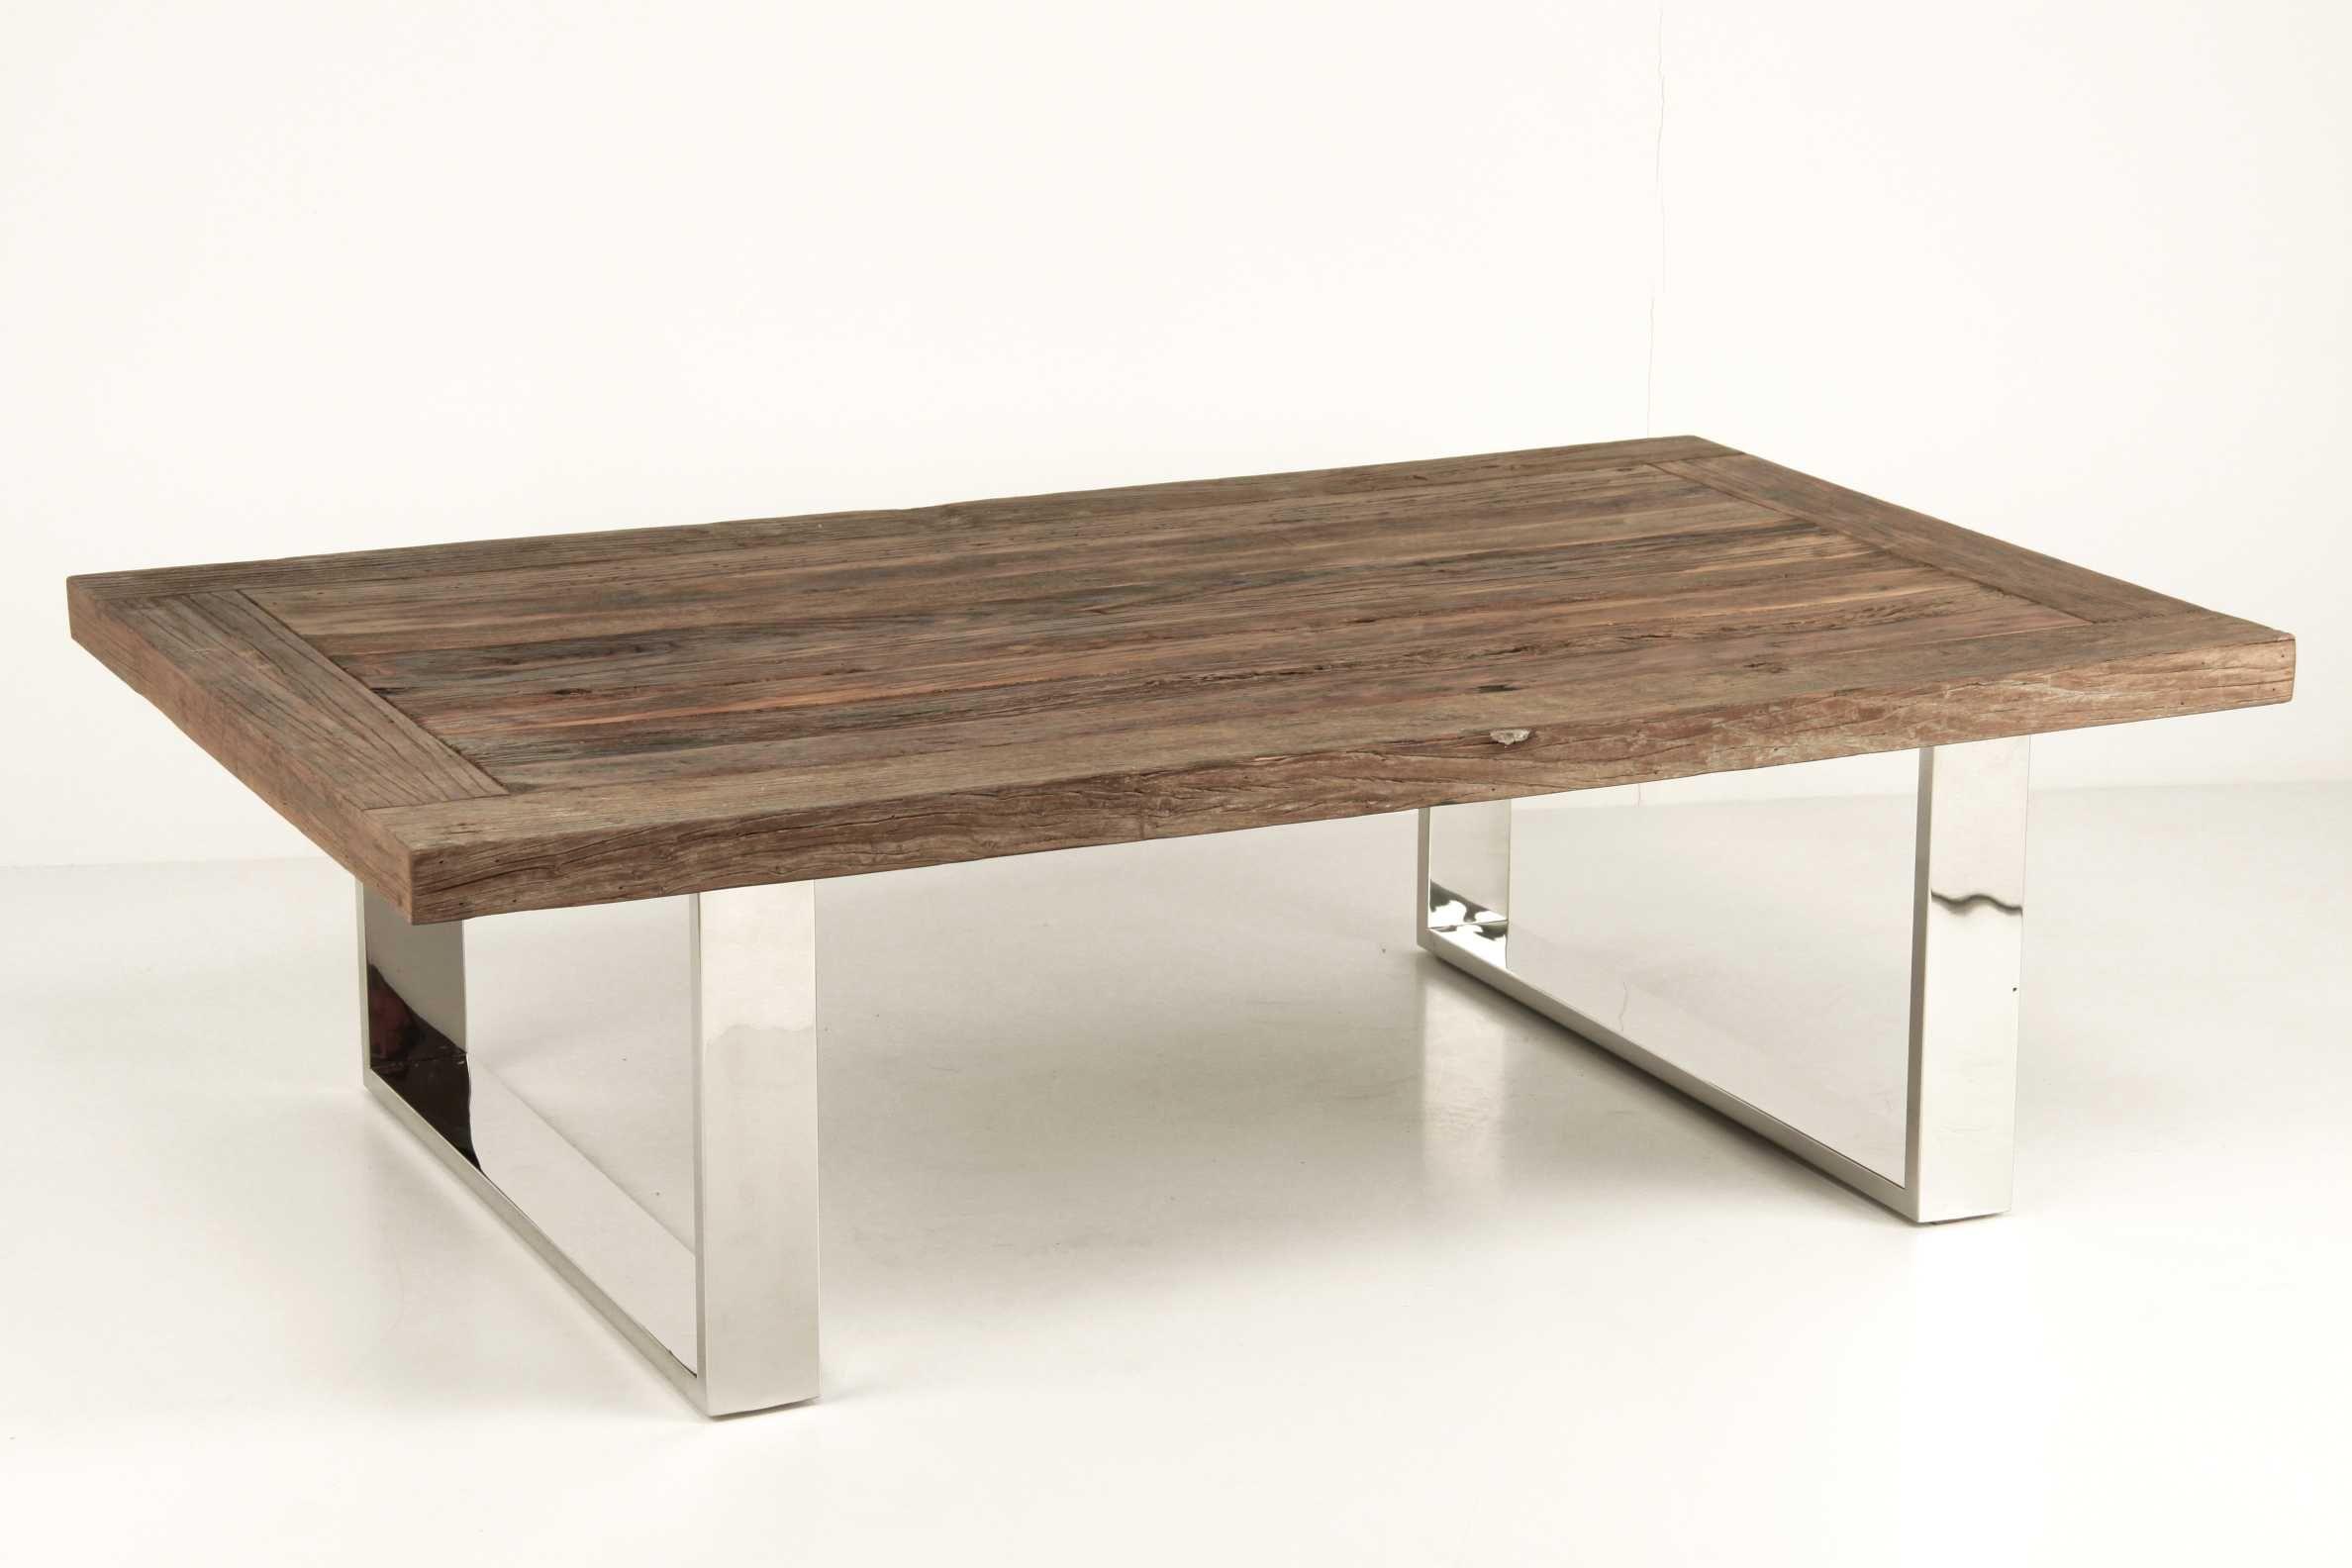 mesa comedor rustico madera con detalles plateados